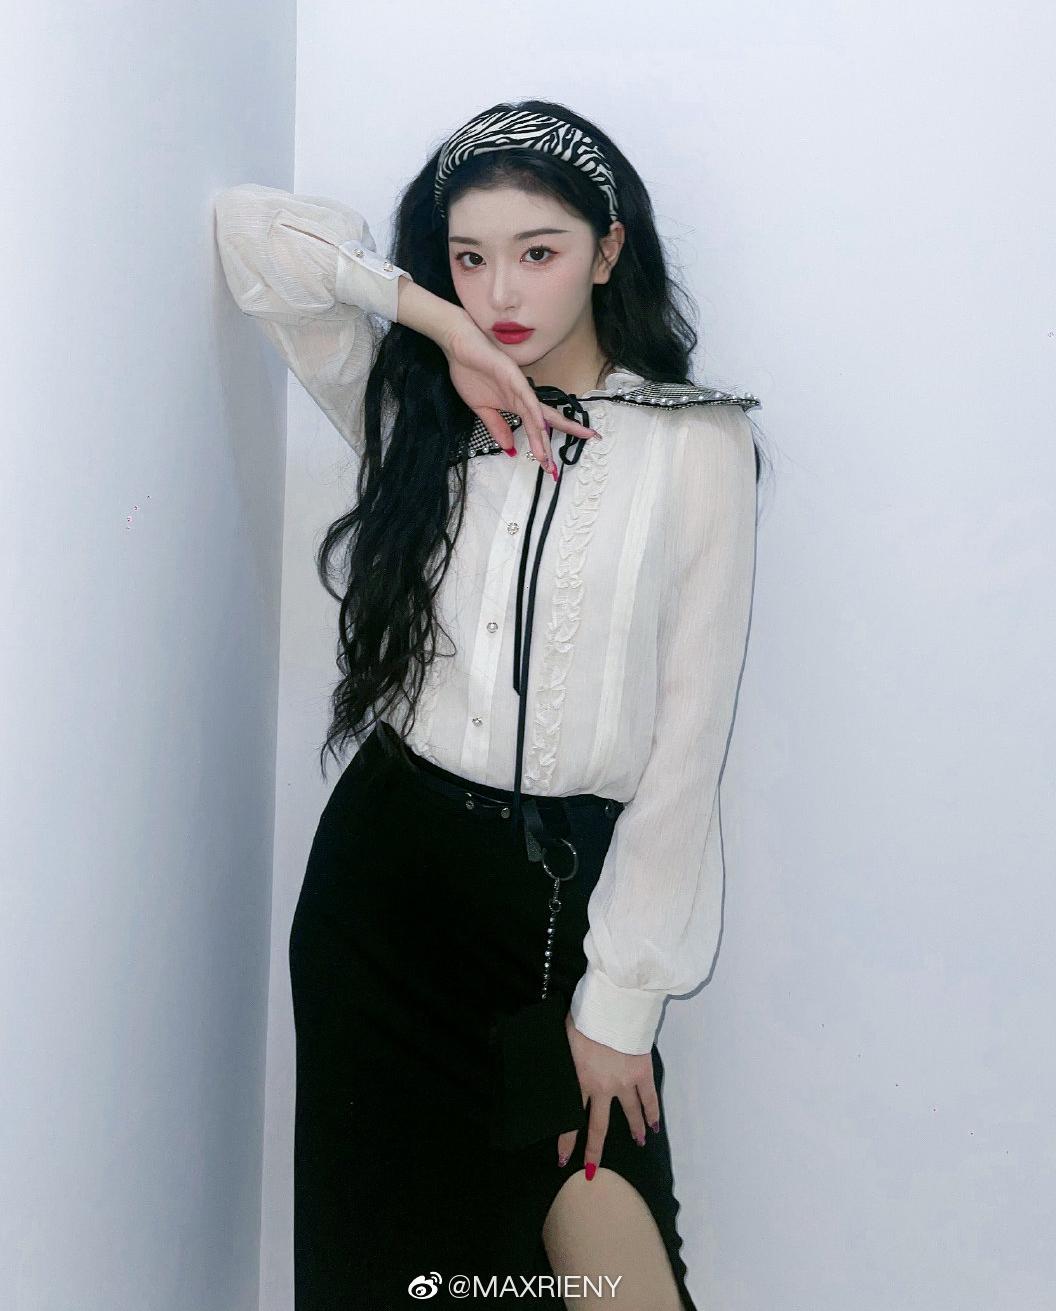 Lối mix đồ cao tay, điệu mà không sến giúp Khổng Tuyết Nhi được đánh giá mặc đẹp nhất nhì The9.